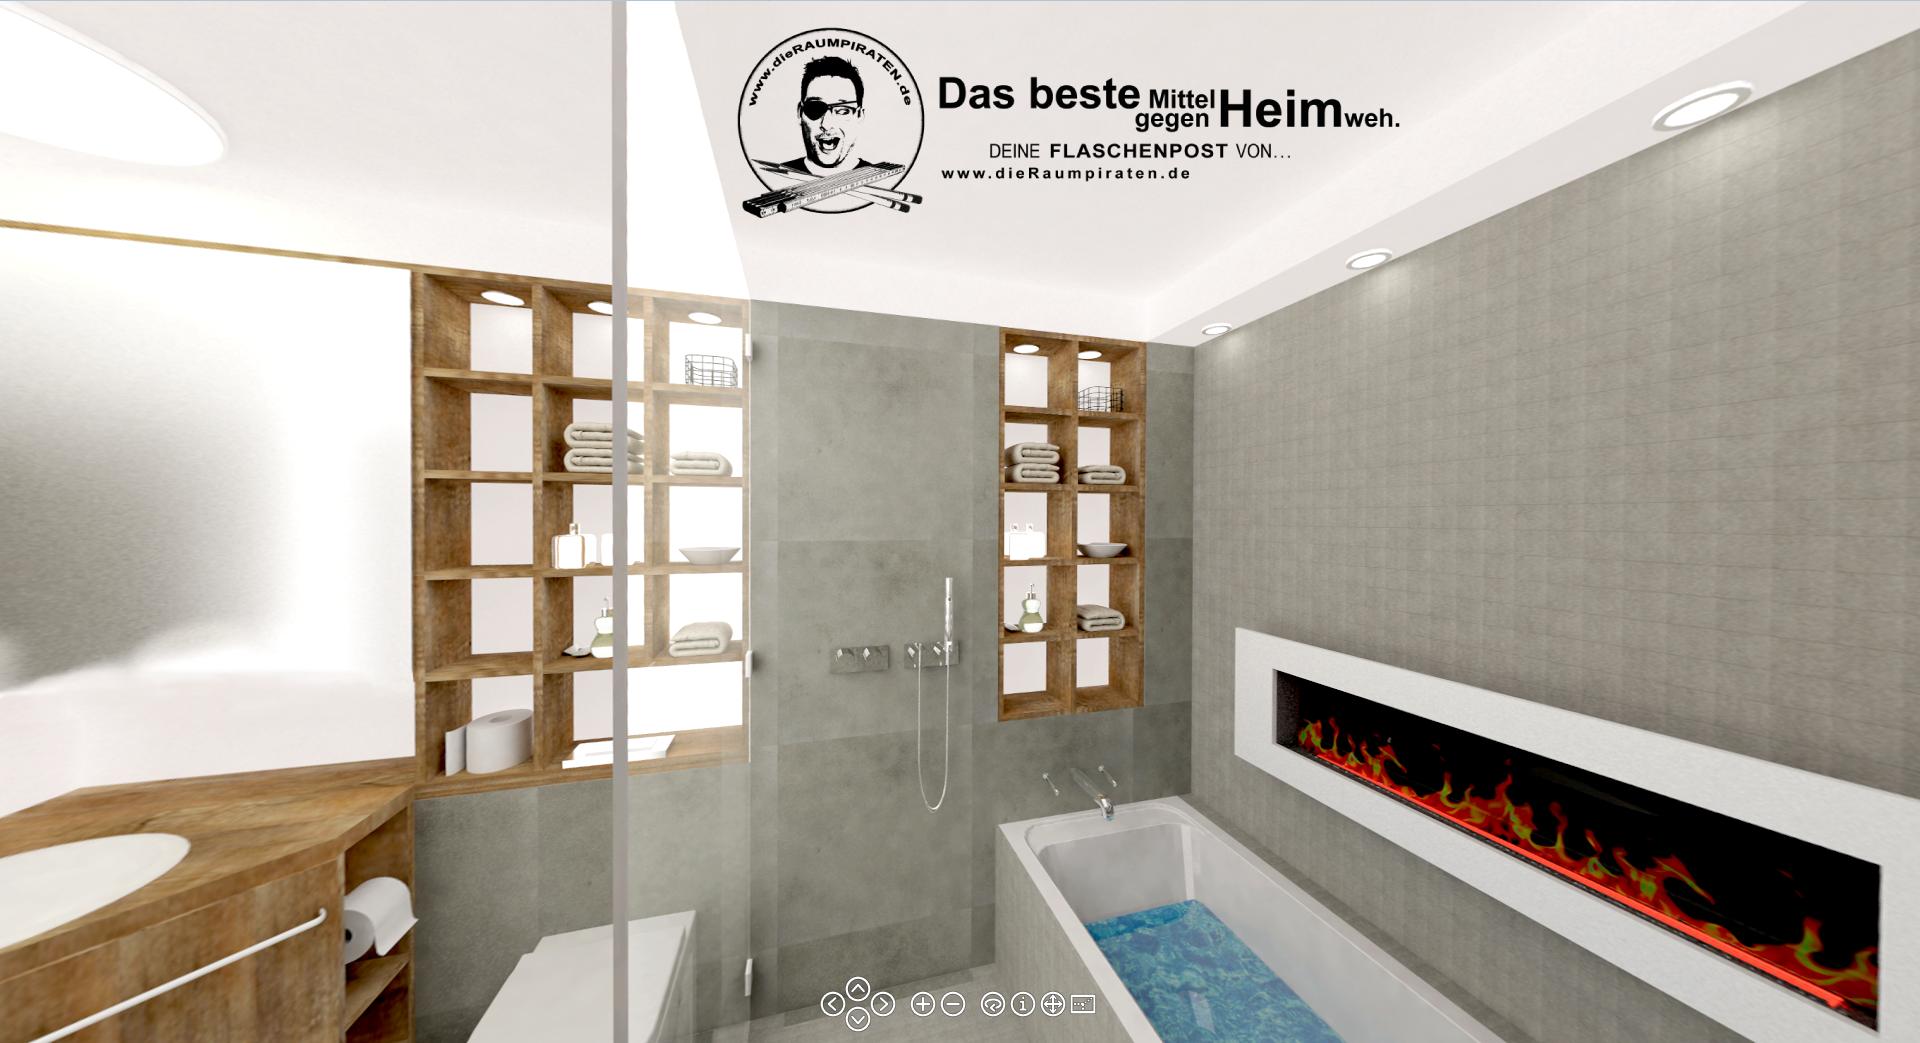 Uberlegen Innenliegendes Bad Ohne Fenster Mit Vielen Spiegeln, Kamin Und Schlau  Eingeplantem Licht.